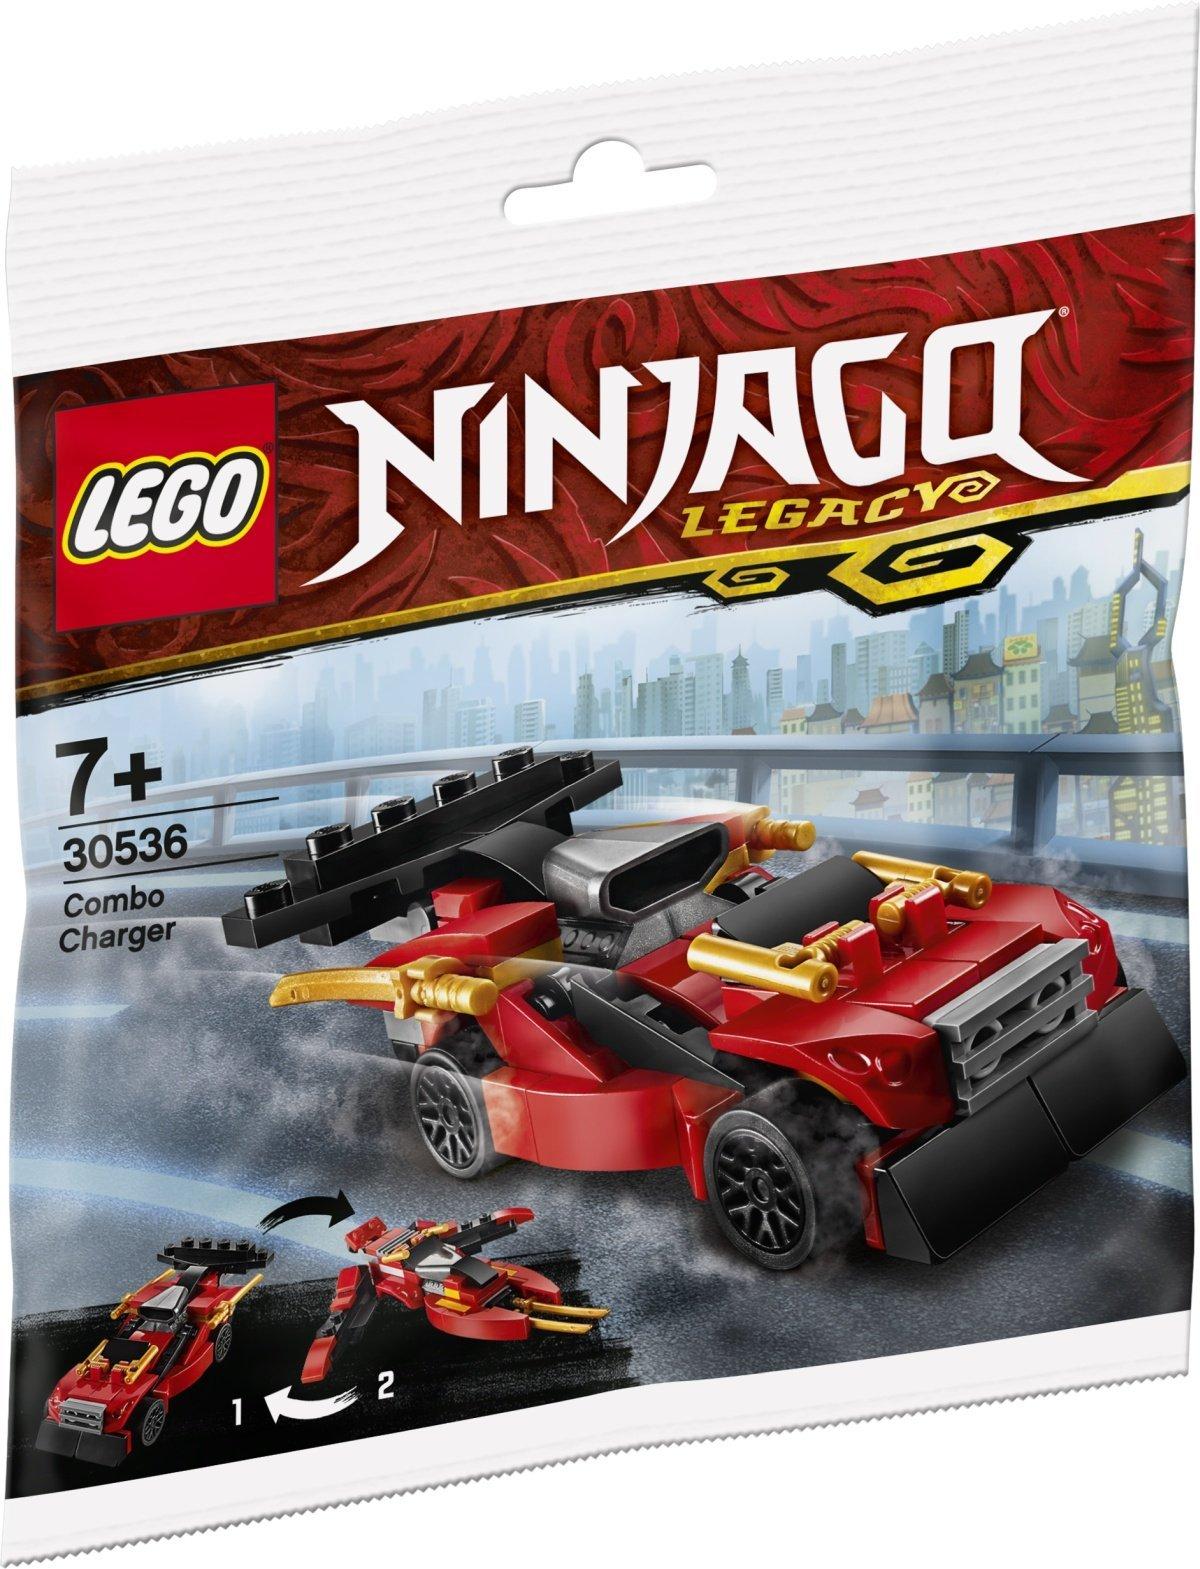 Ninjago 2020 Brickset Lego Set Guide And Database